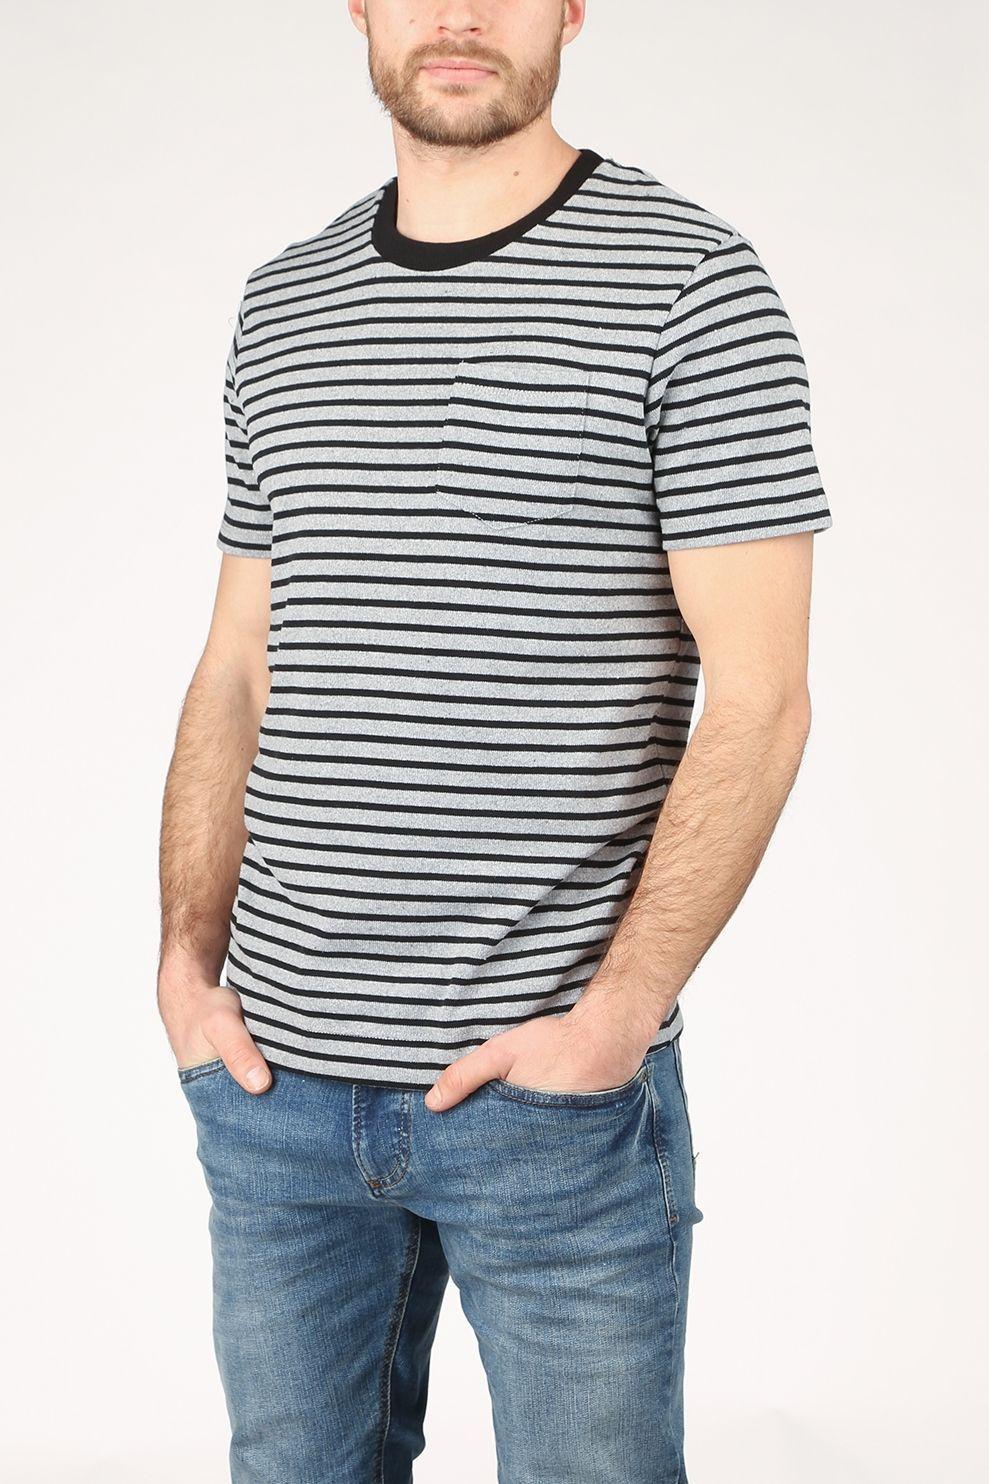 Premium T-Shirt Jprblavincent Crew Neck voor heren - Grijs/Blauw - Maten: S, M, L, XL, XXL